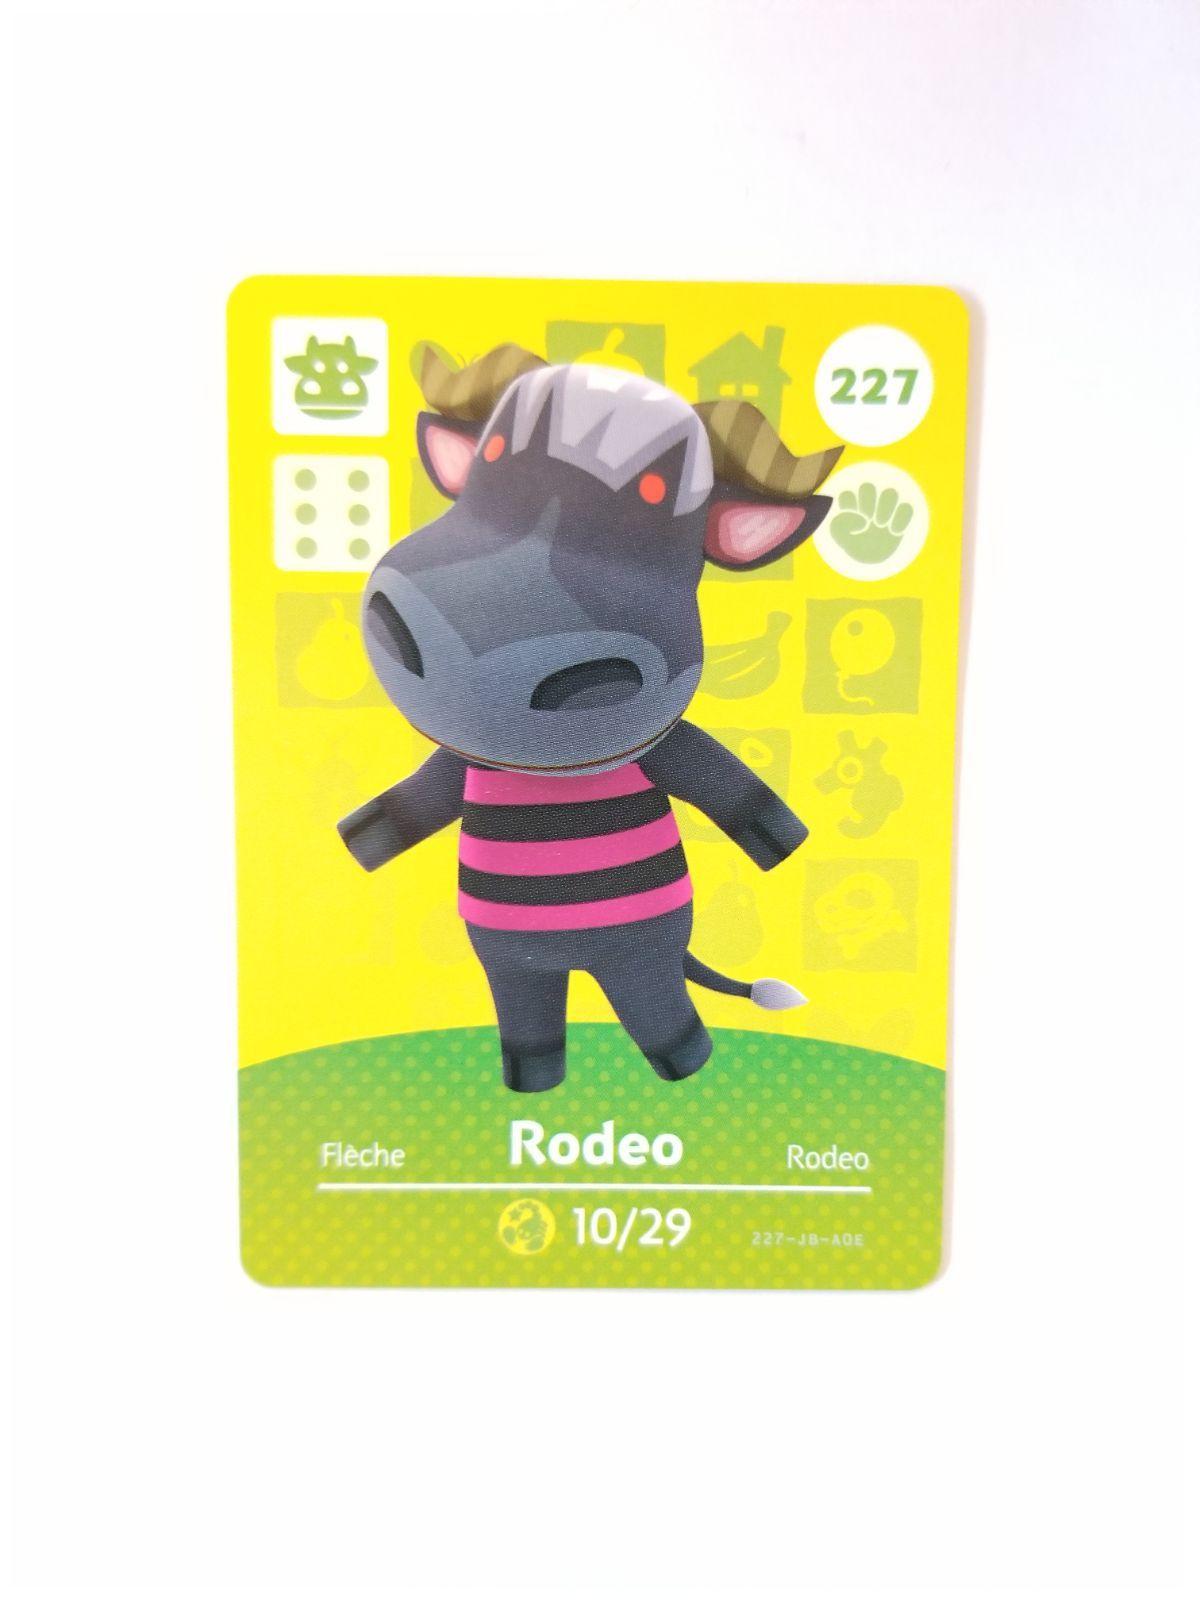 Animal Crossing Amiibo Card Rodeo 227 Mercari in 2020